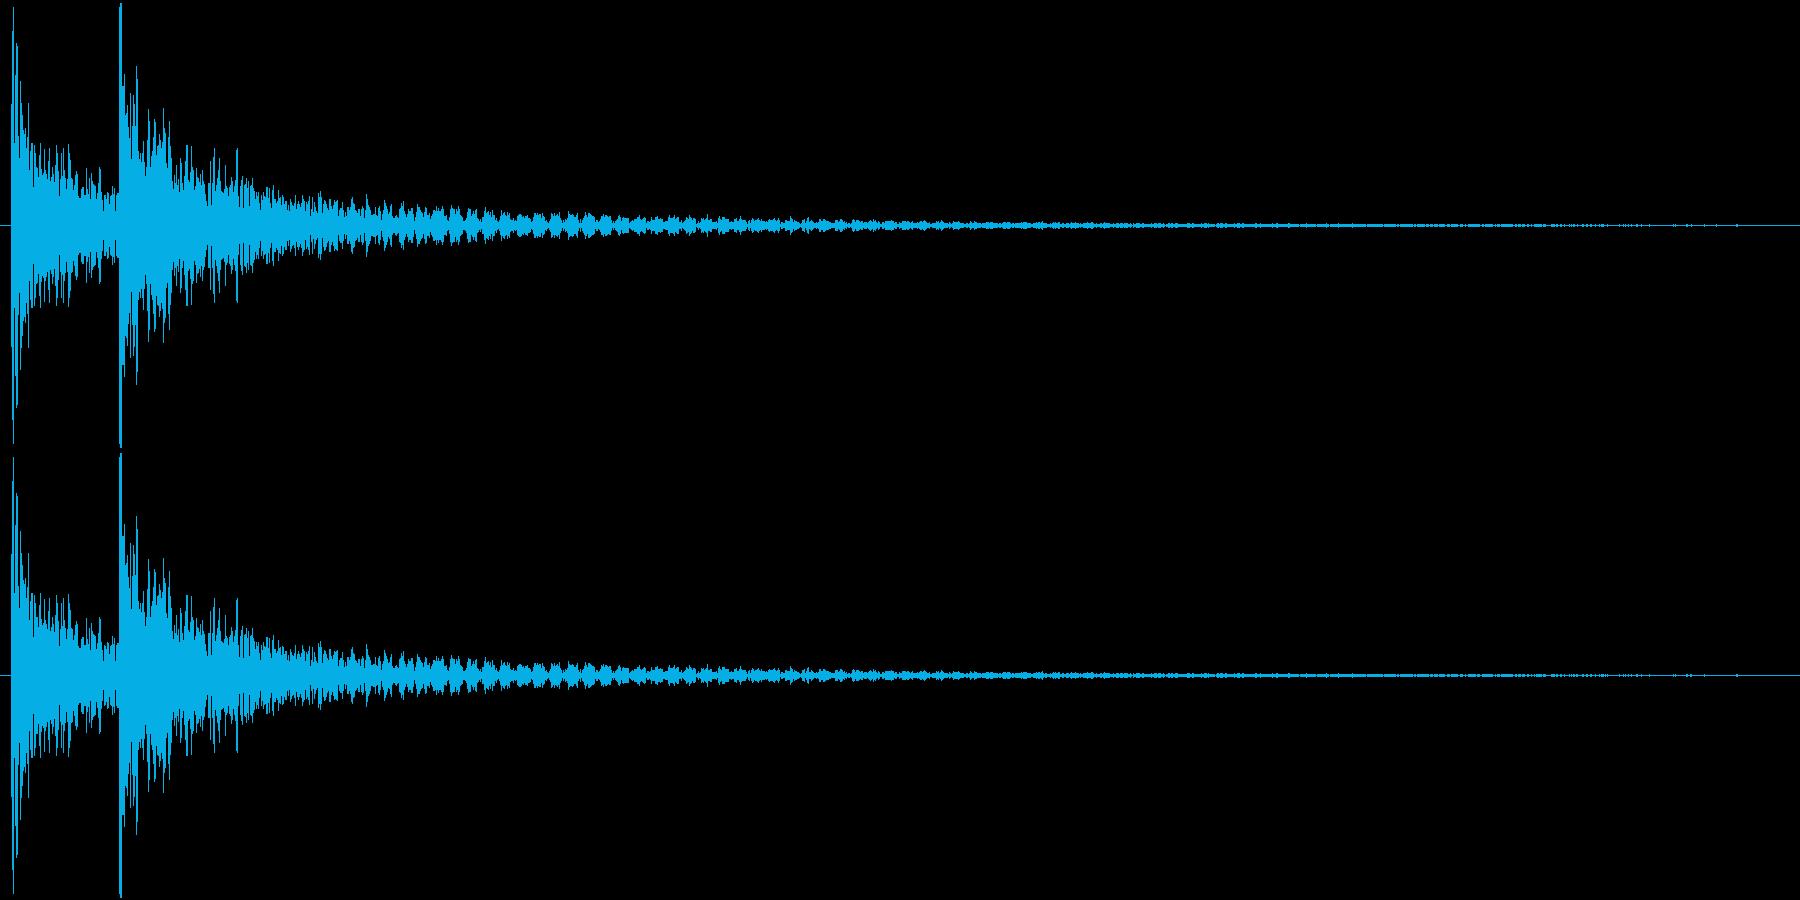 デデーン! って感じの打撃音です。 の再生済みの波形